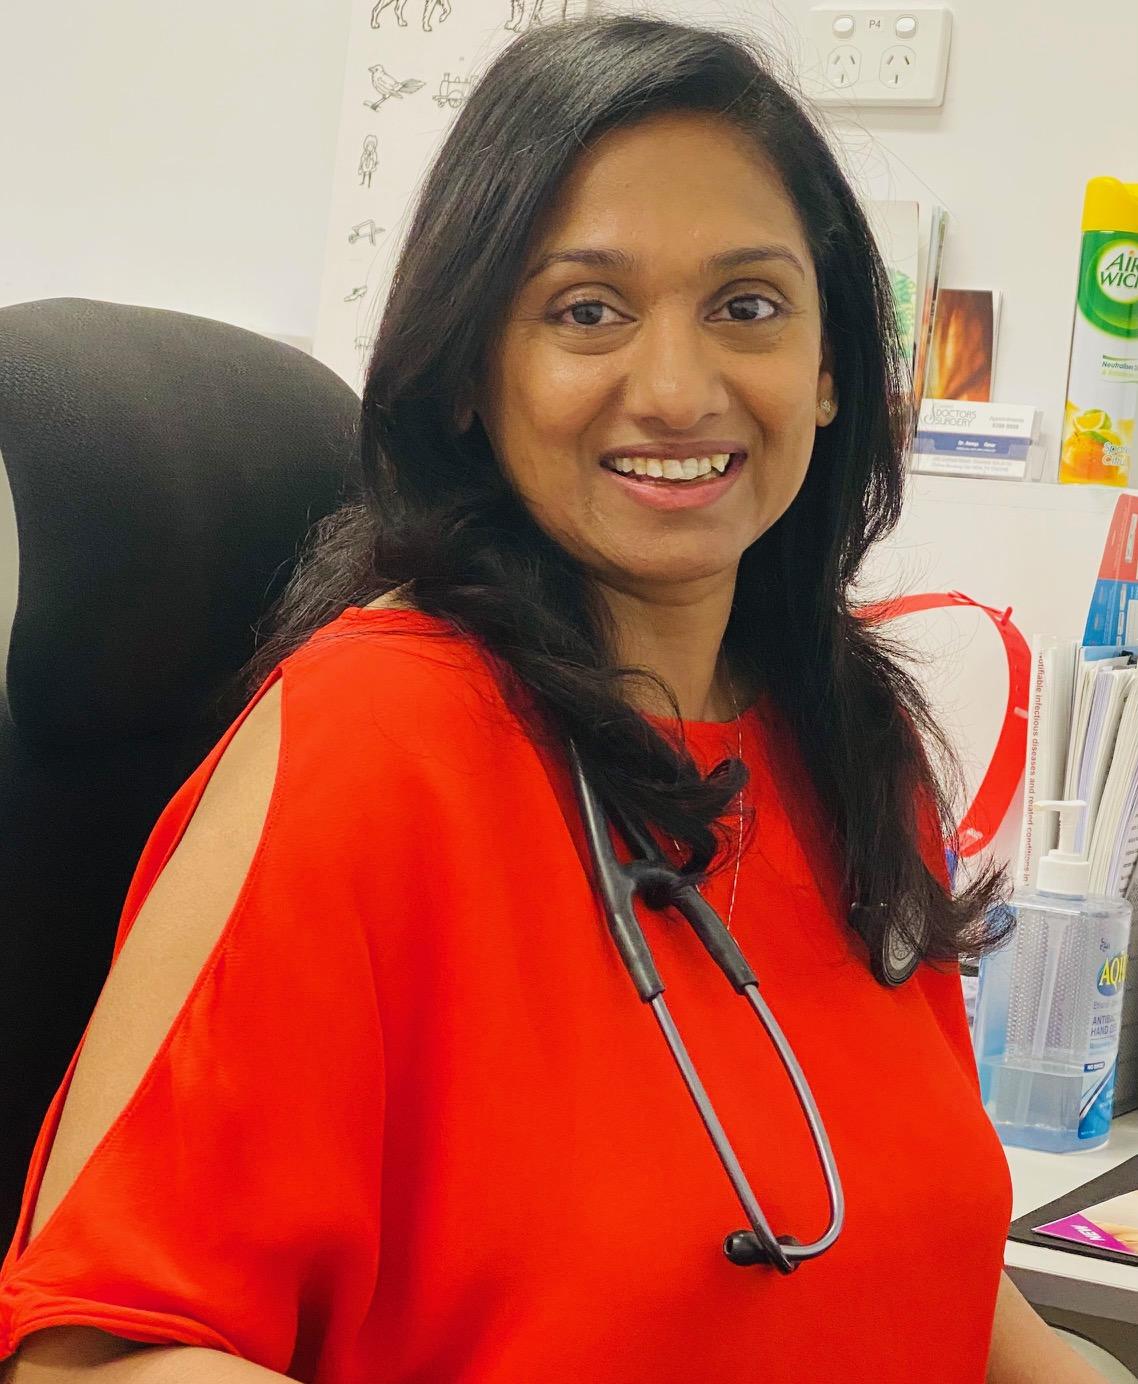 FemaleGP Dr Kanchana Weerasekara